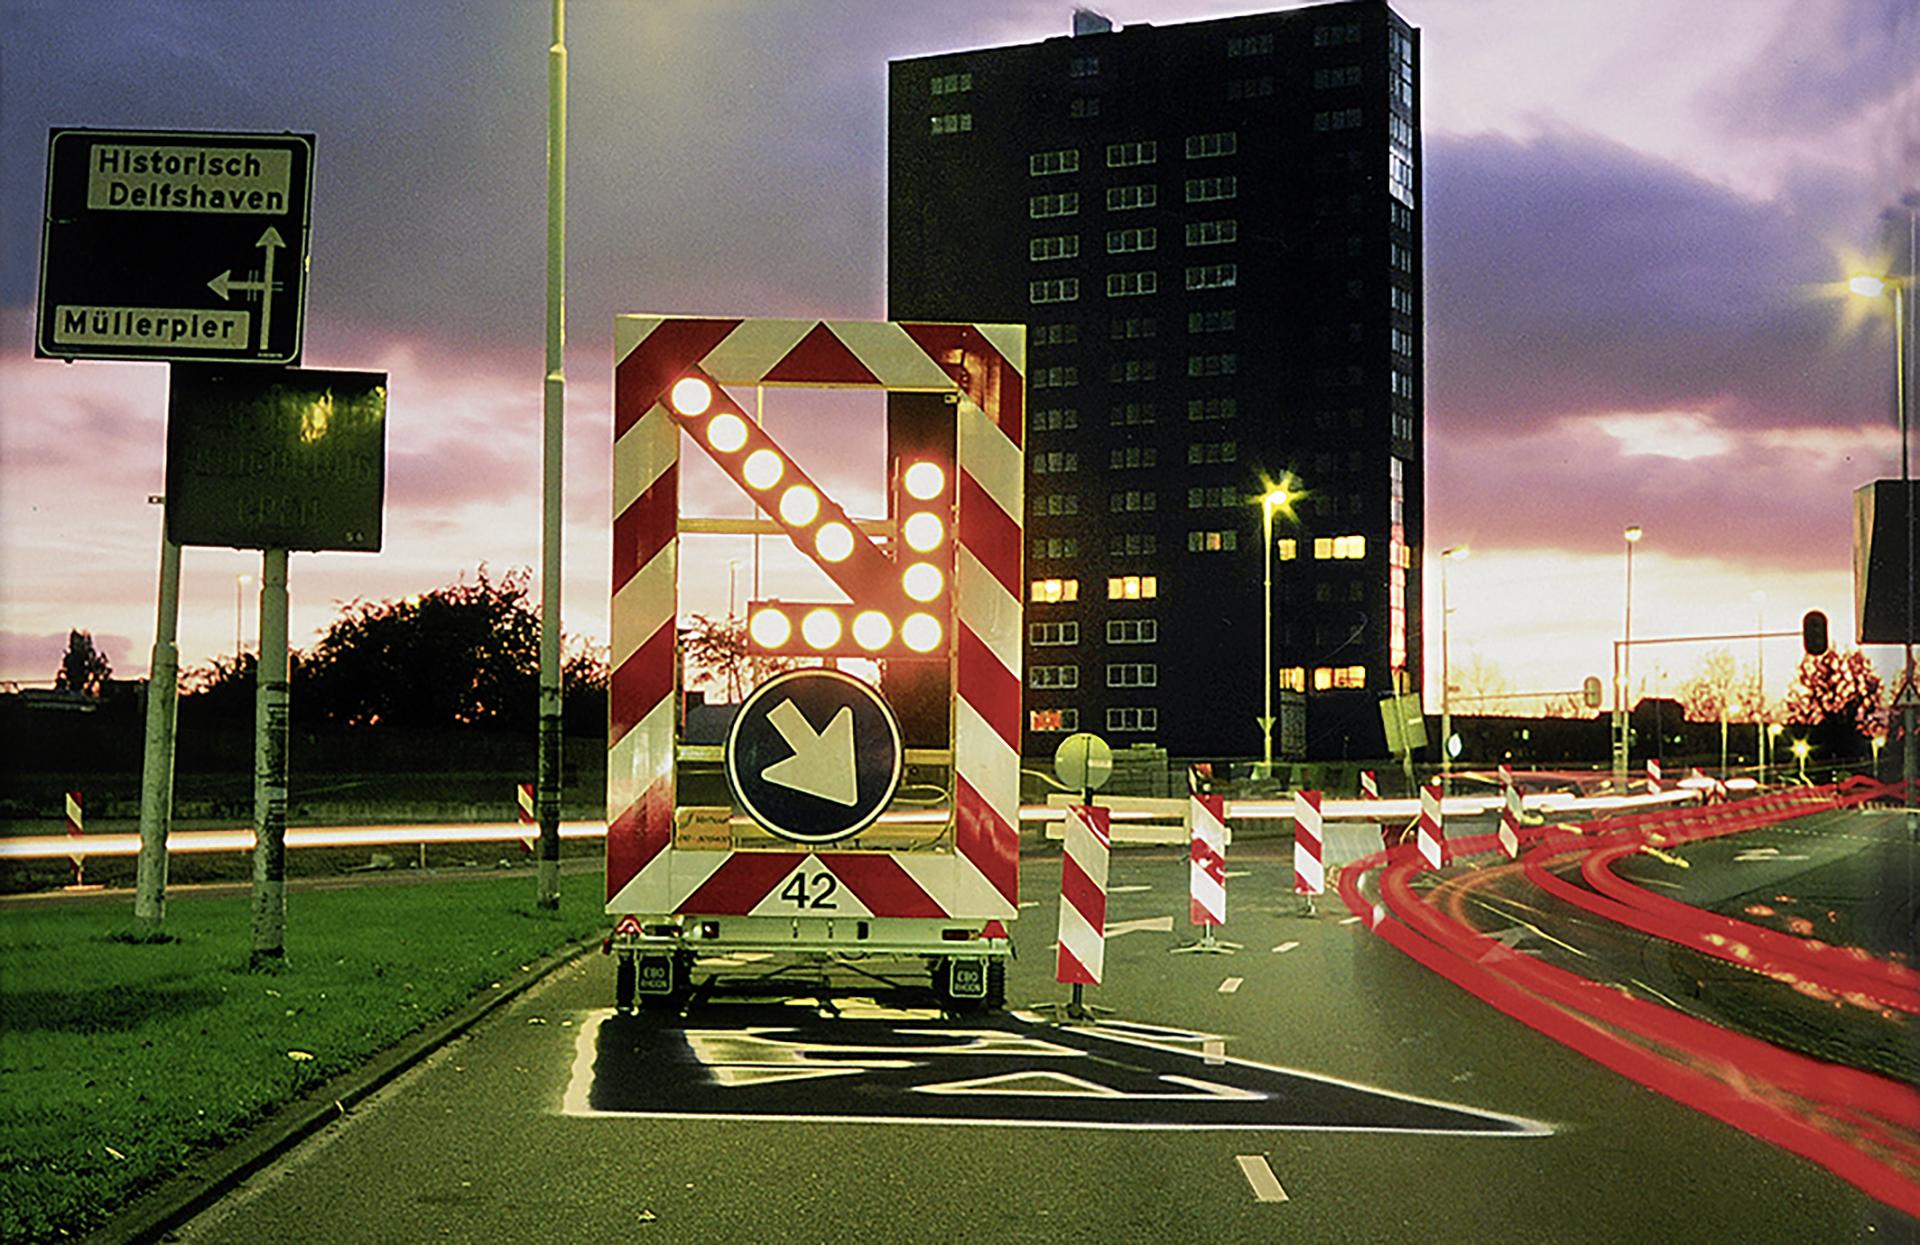 Zevs, Ombre électrique, feu de signalisation, Rotterdam